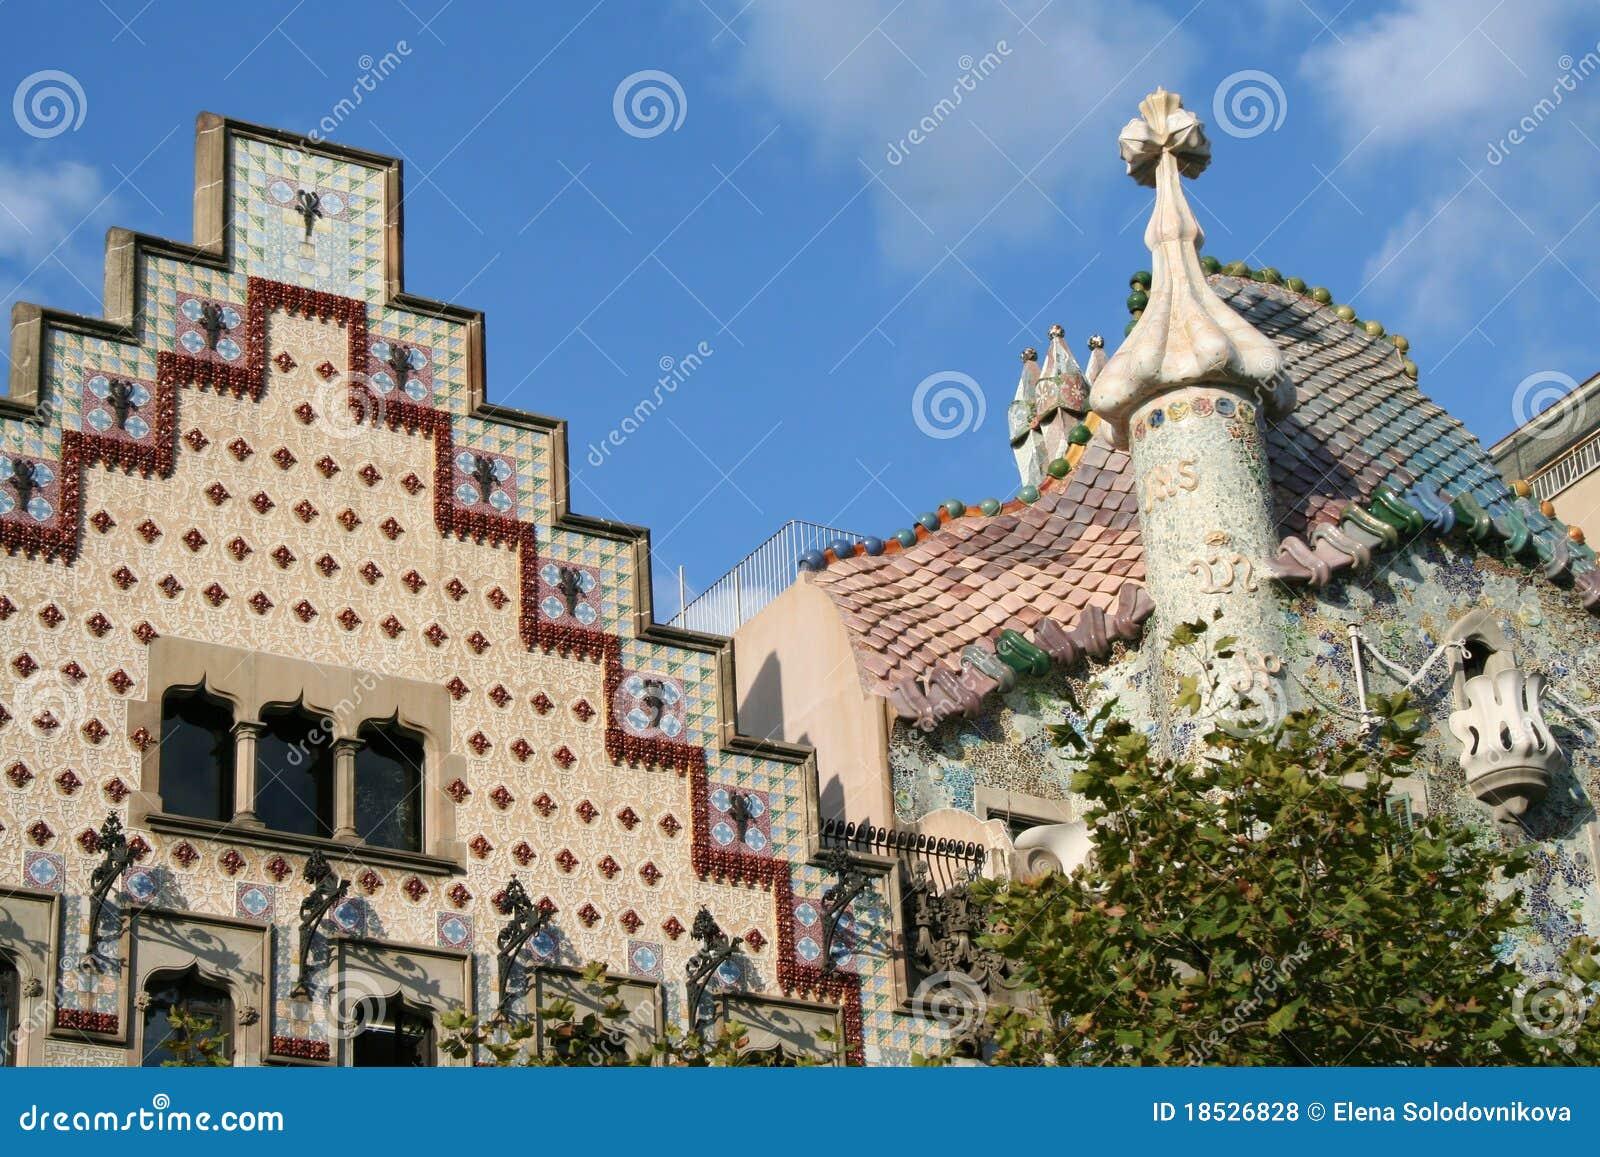 Las tapas de dos casas famosas en barcelona foto de archivo editorial imagen 18526828 for Inmobiliarias barcelona